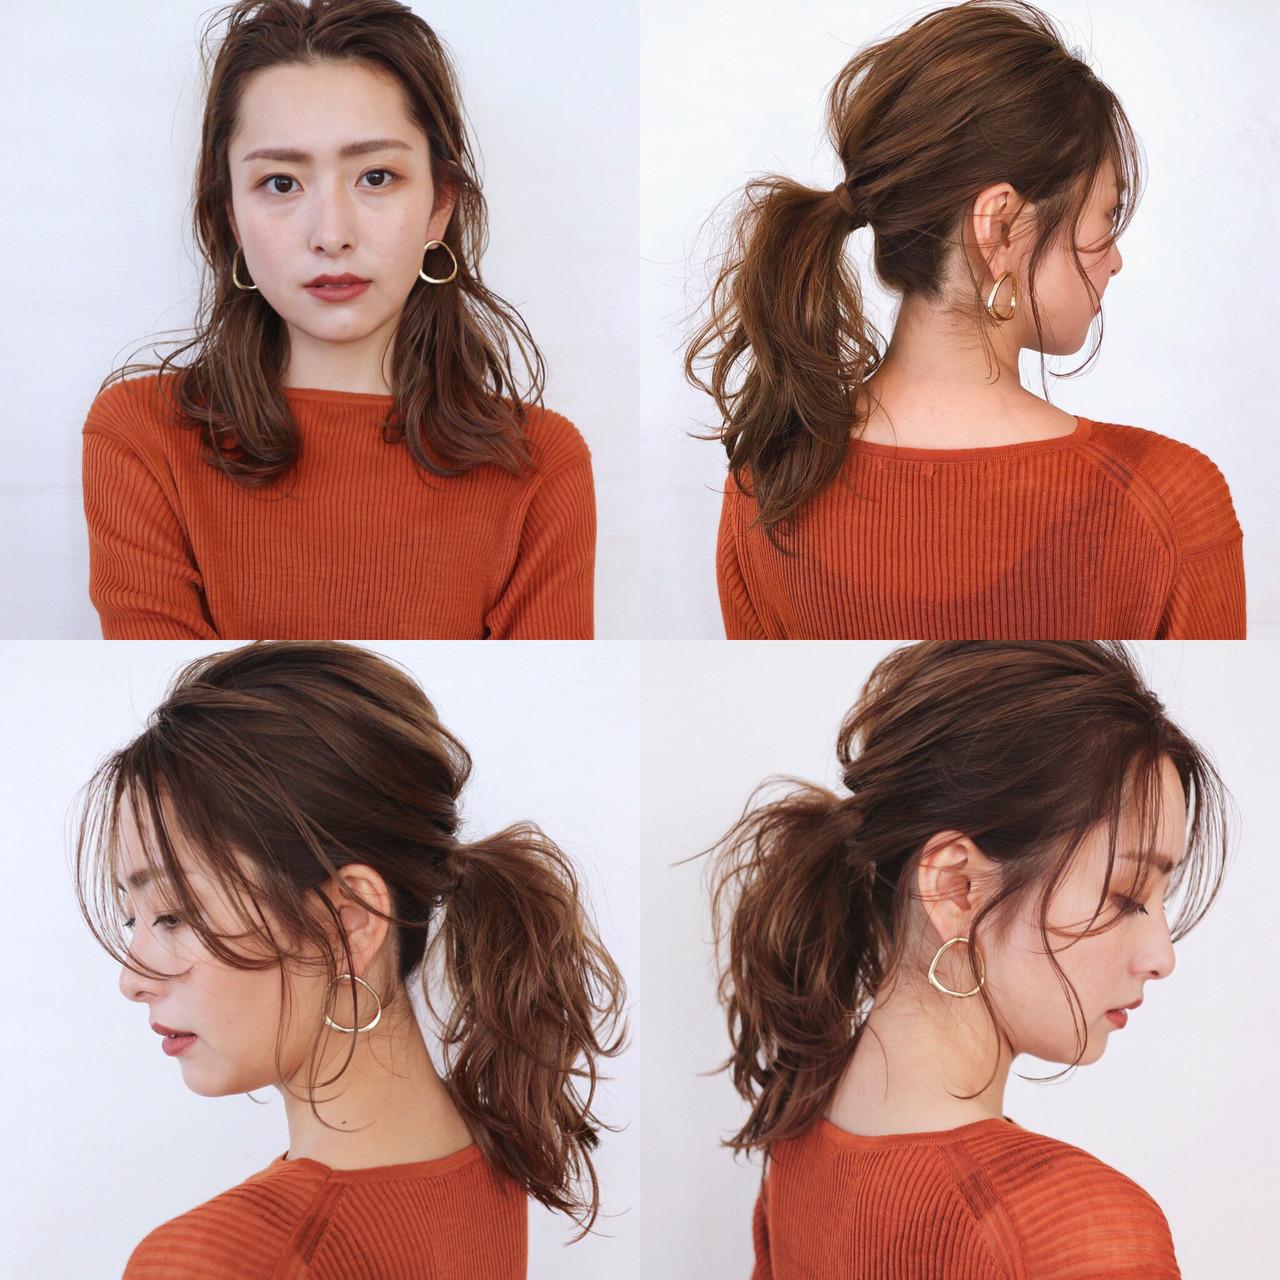 ポニーテールアレンジ 簡単ヘアアレンジ ポニーテール セミロング ヘアスタイルや髪型の写真・画像